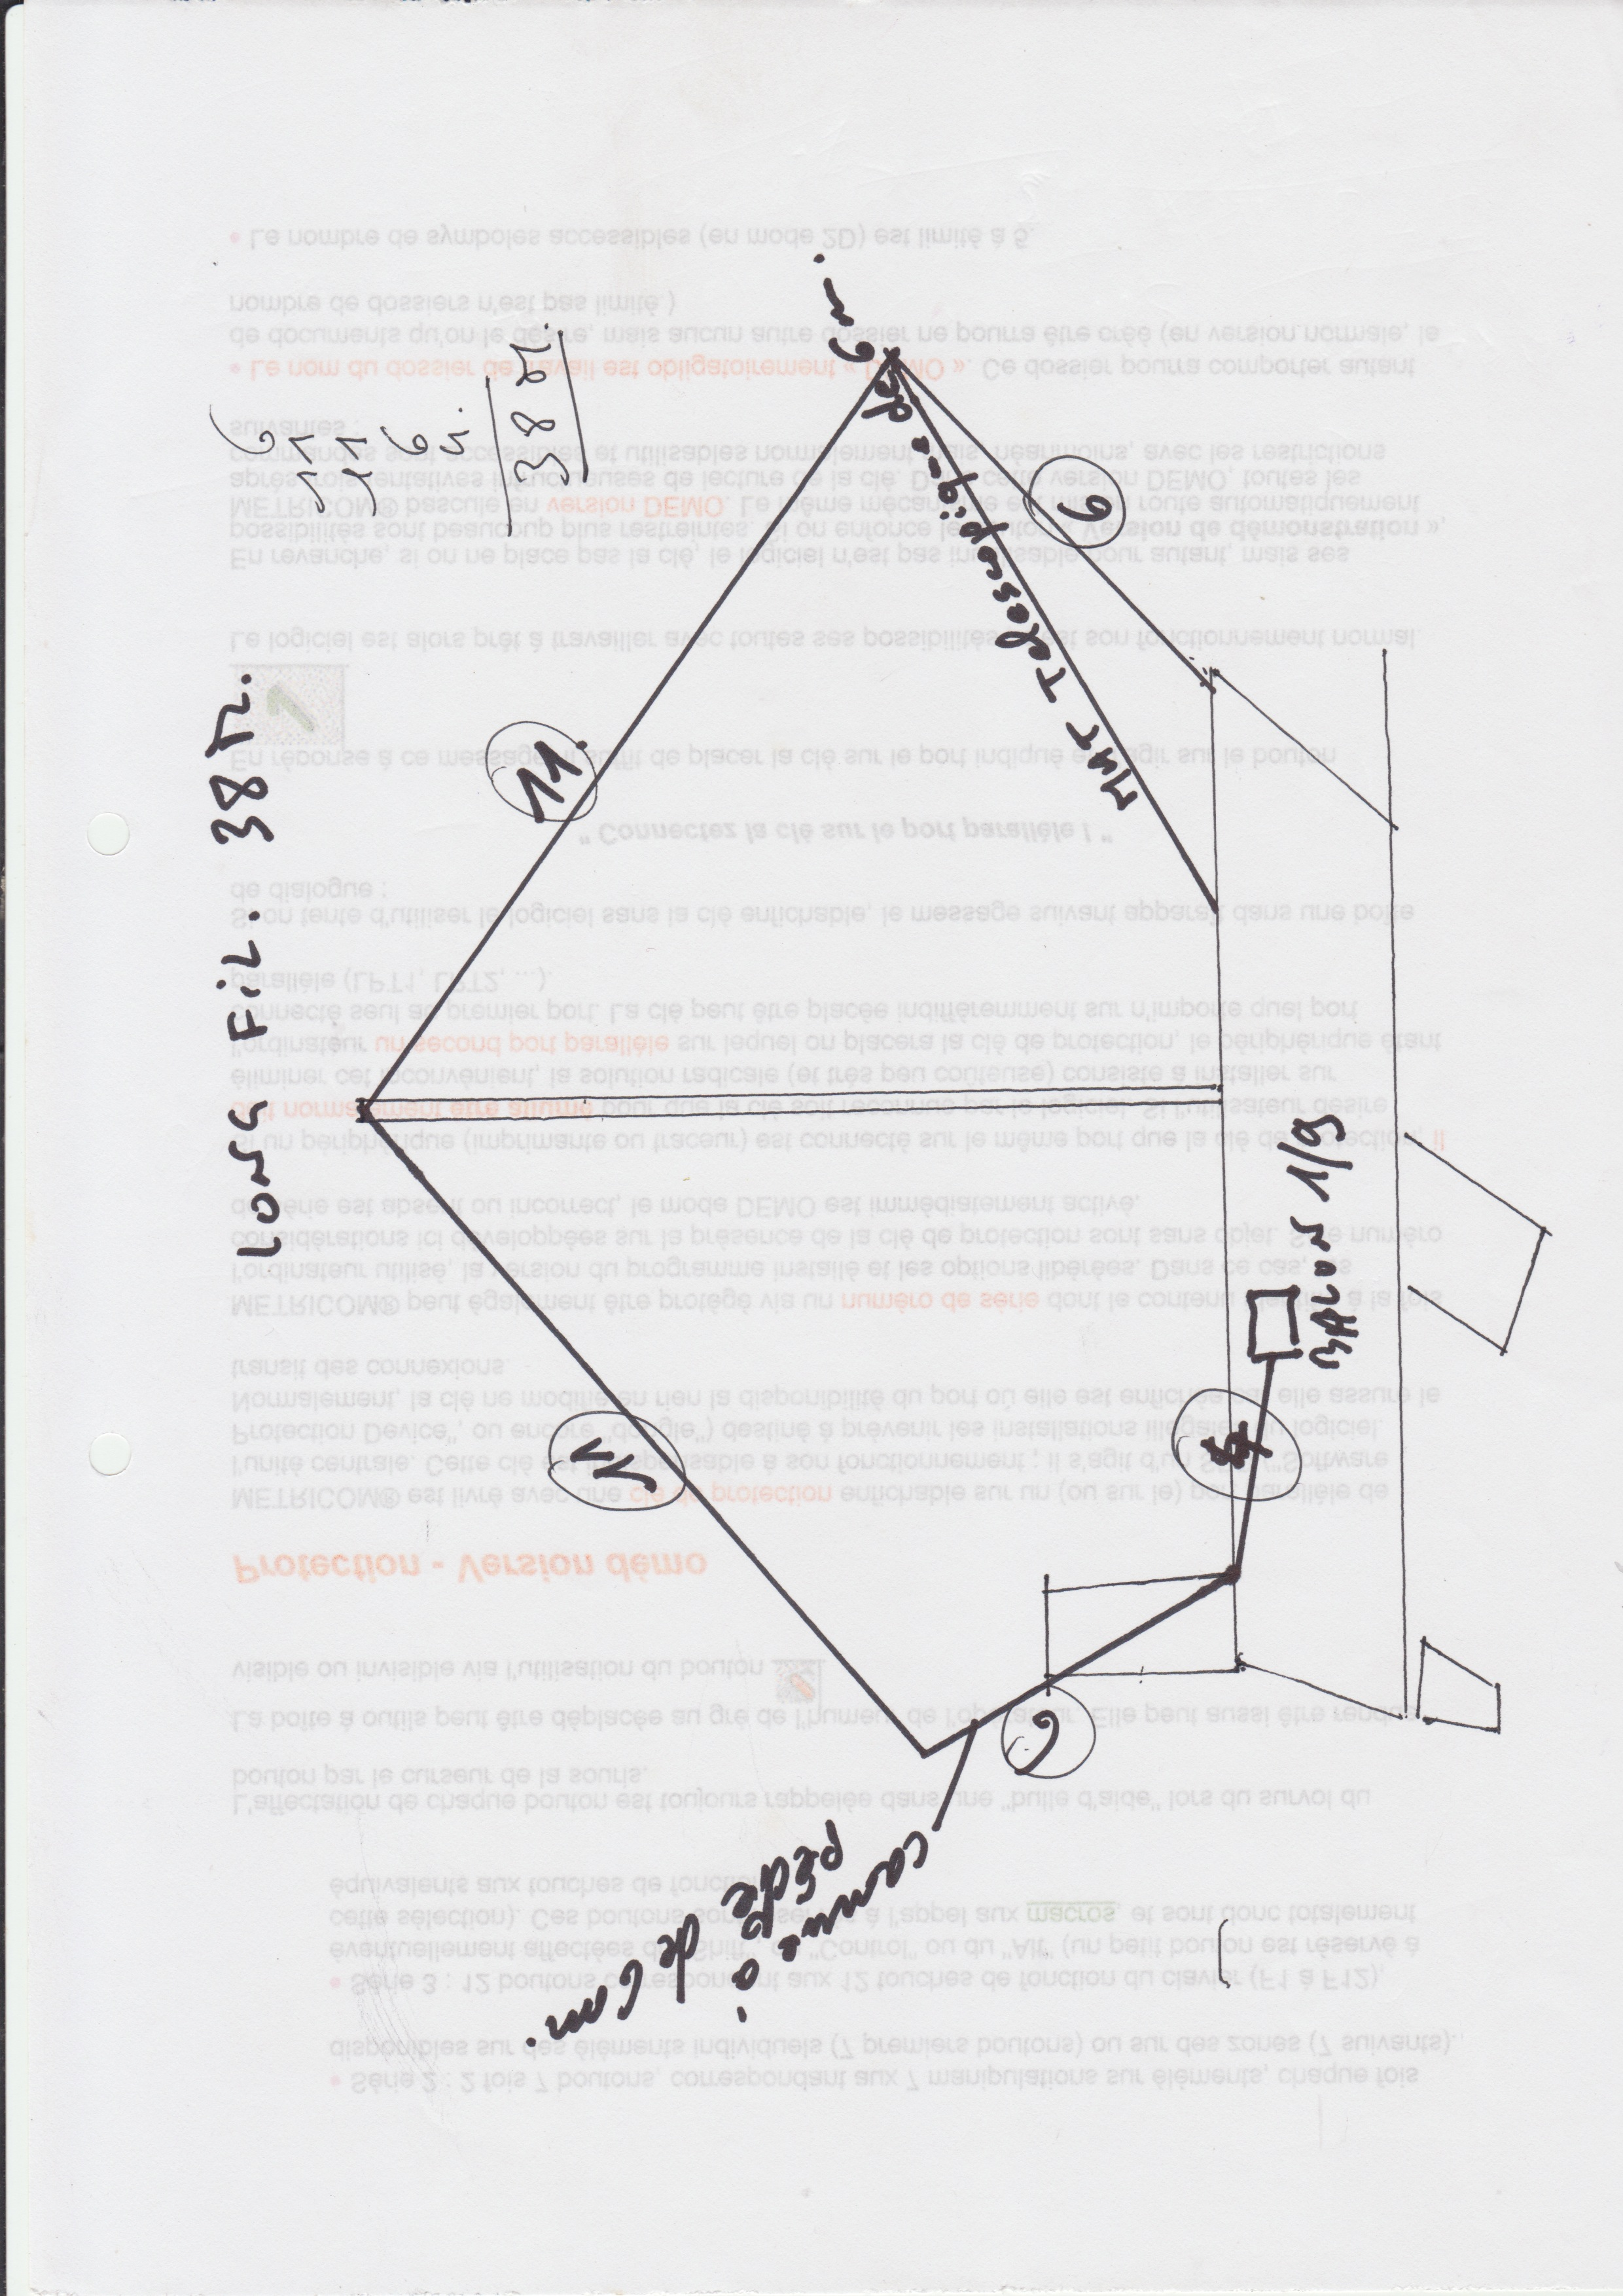 pin techniques antenne collective satellite et ou tntcomment faire on pinterest. Black Bedroom Furniture Sets. Home Design Ideas